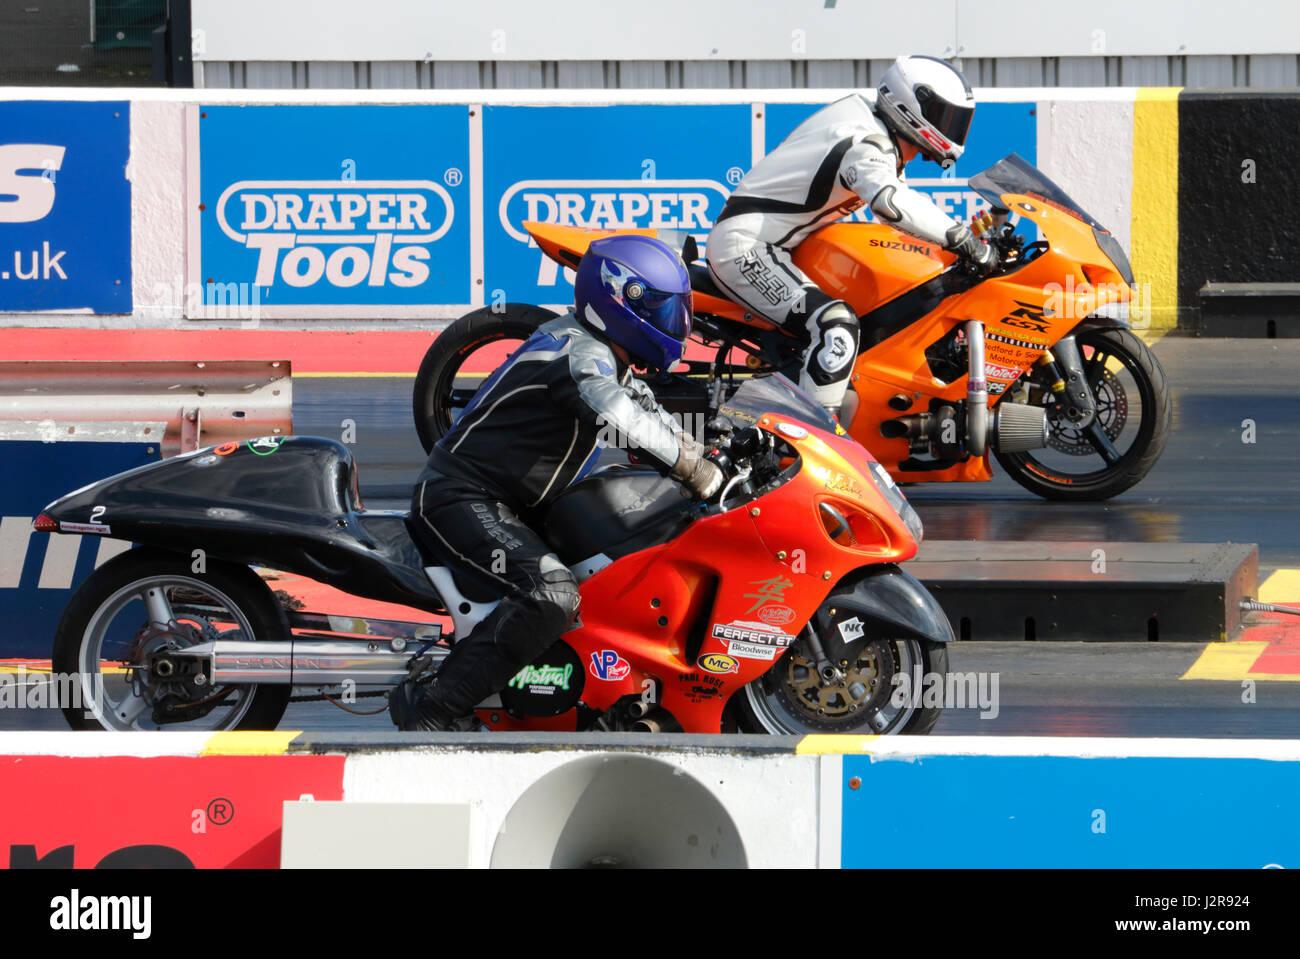 Ziehen Sie die Fahrräder auf dem Santa Pod Raceway in England Stockbild